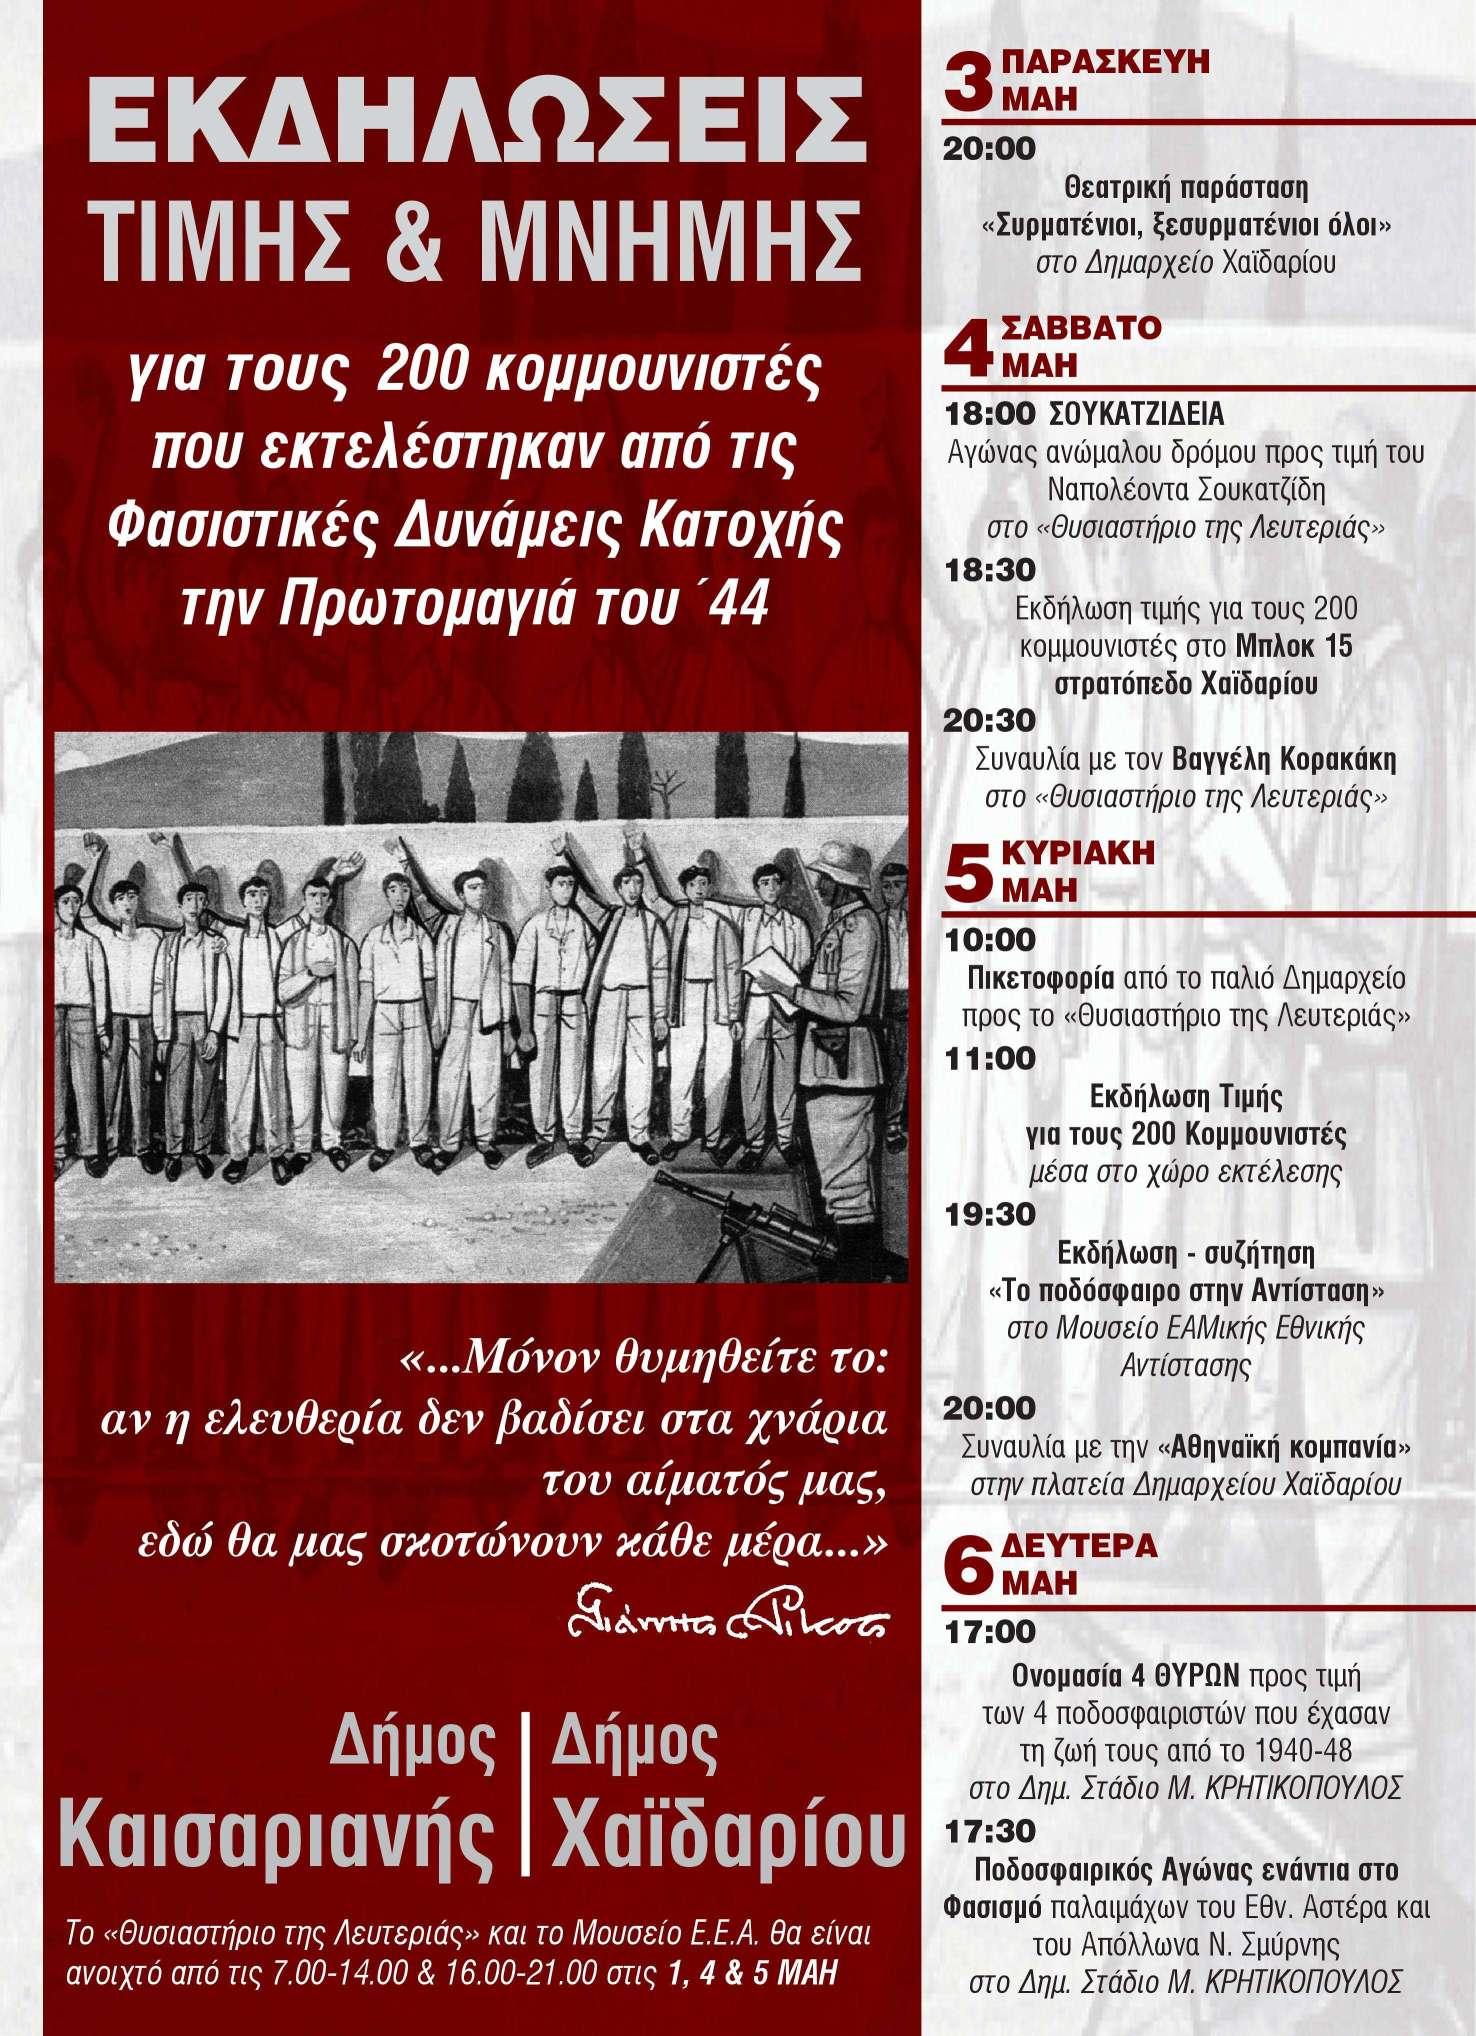 Εκδηλώσεις τιμής μνήμης 200